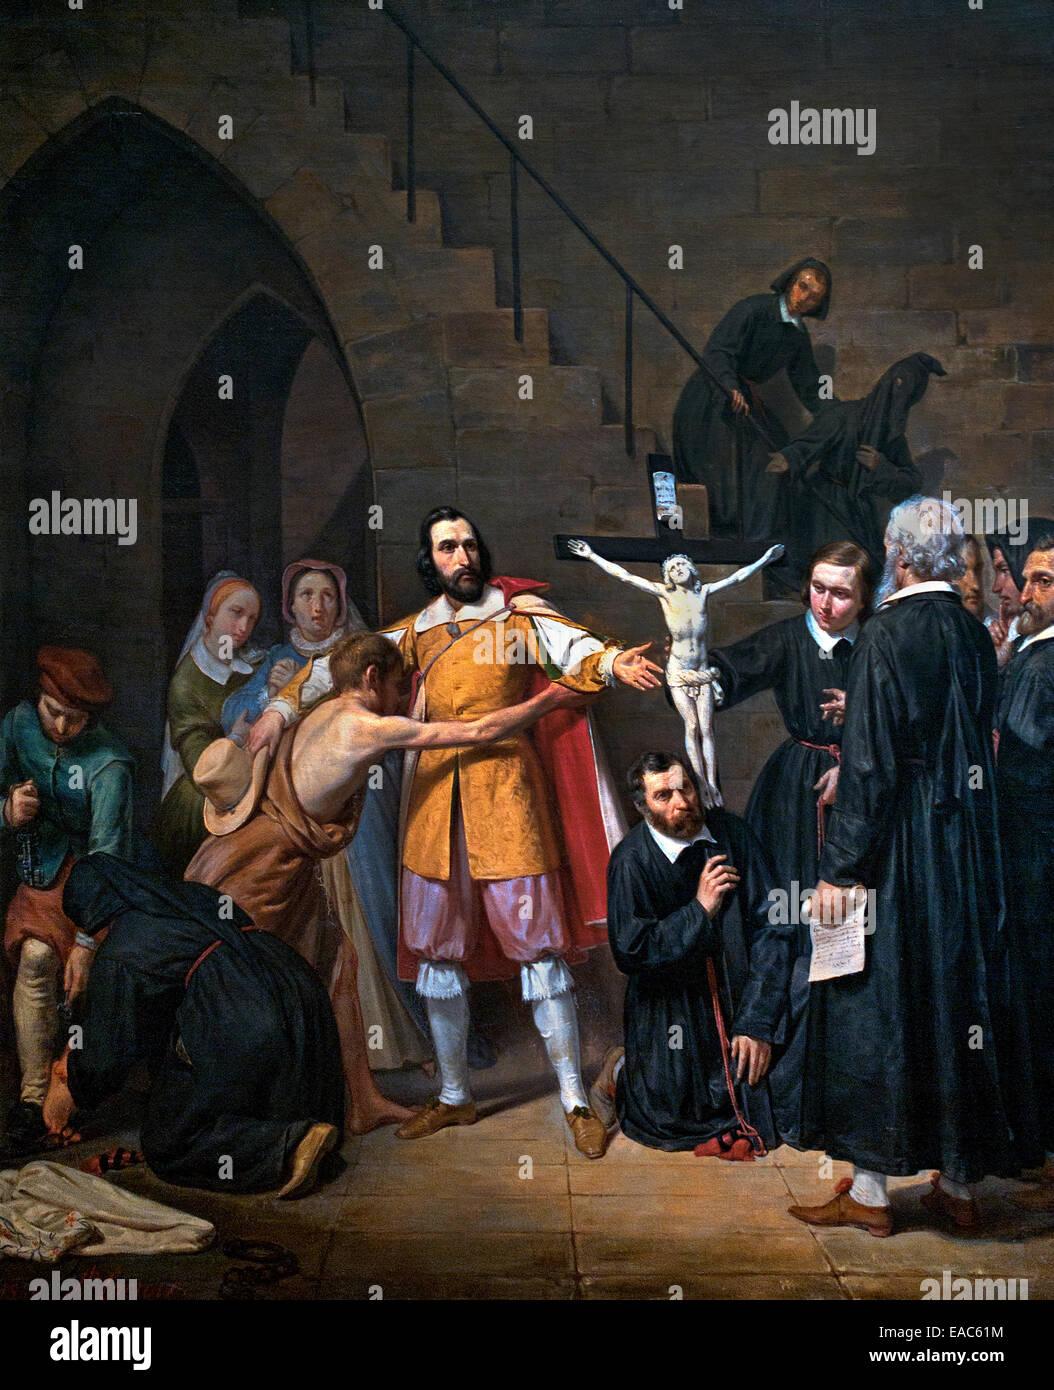 La légende de le Christ Noir de pénitents 1841 Joseph Lacroix 1800-1880 Français France Photo Stock